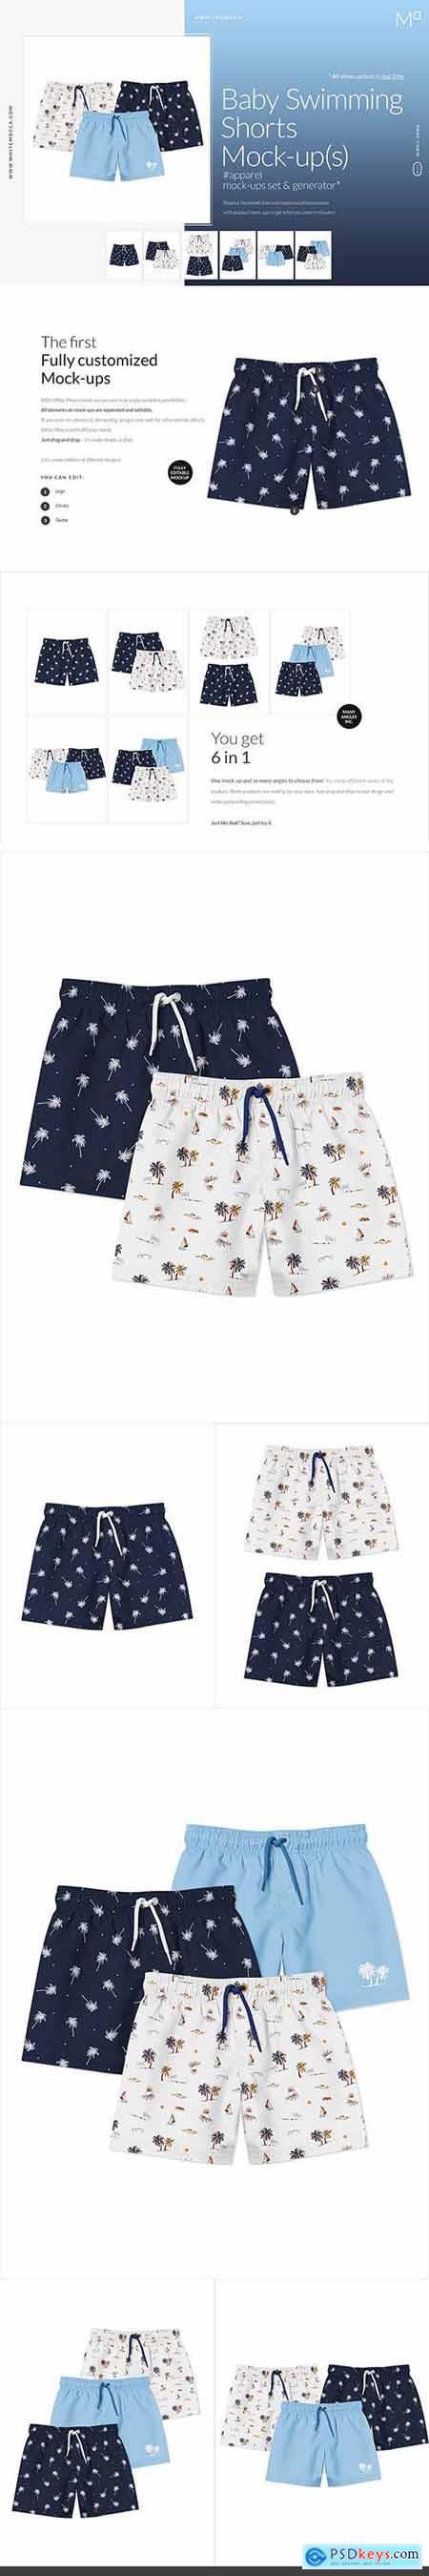 Baby Swimming Shorts Mock-ups Set 5170892